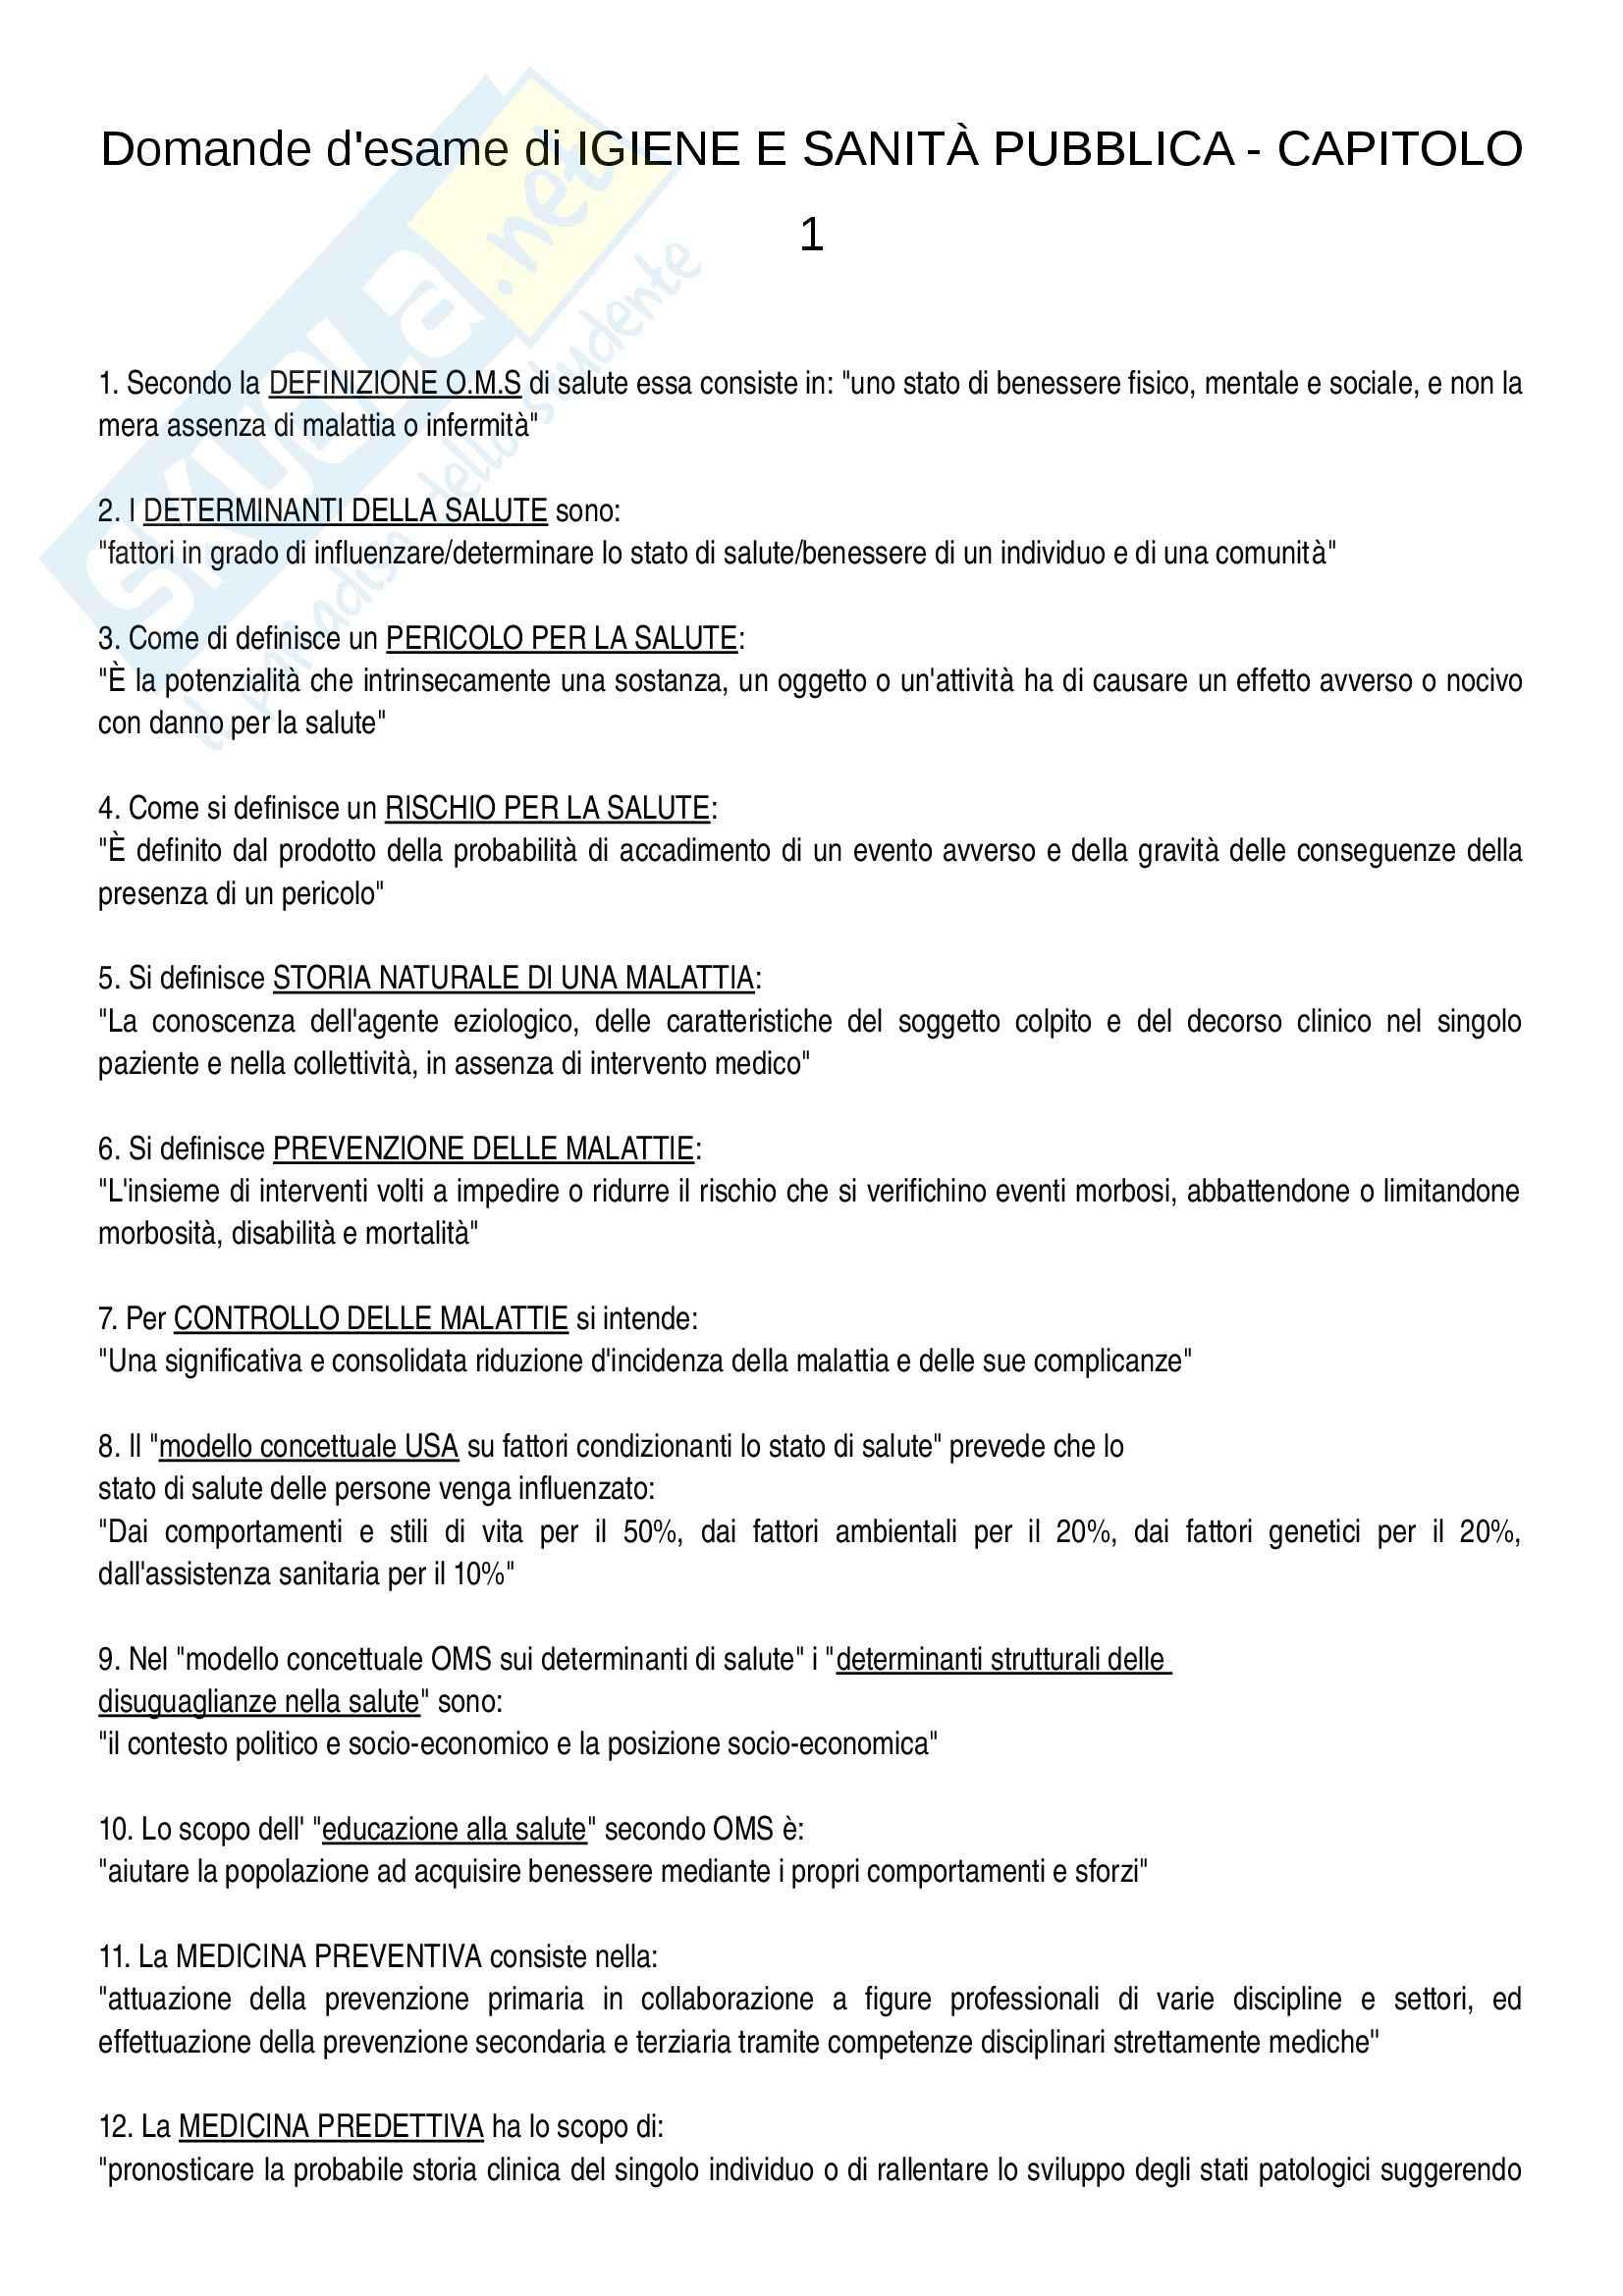 esercitazione M. Panella Igiene e sanità pubblica